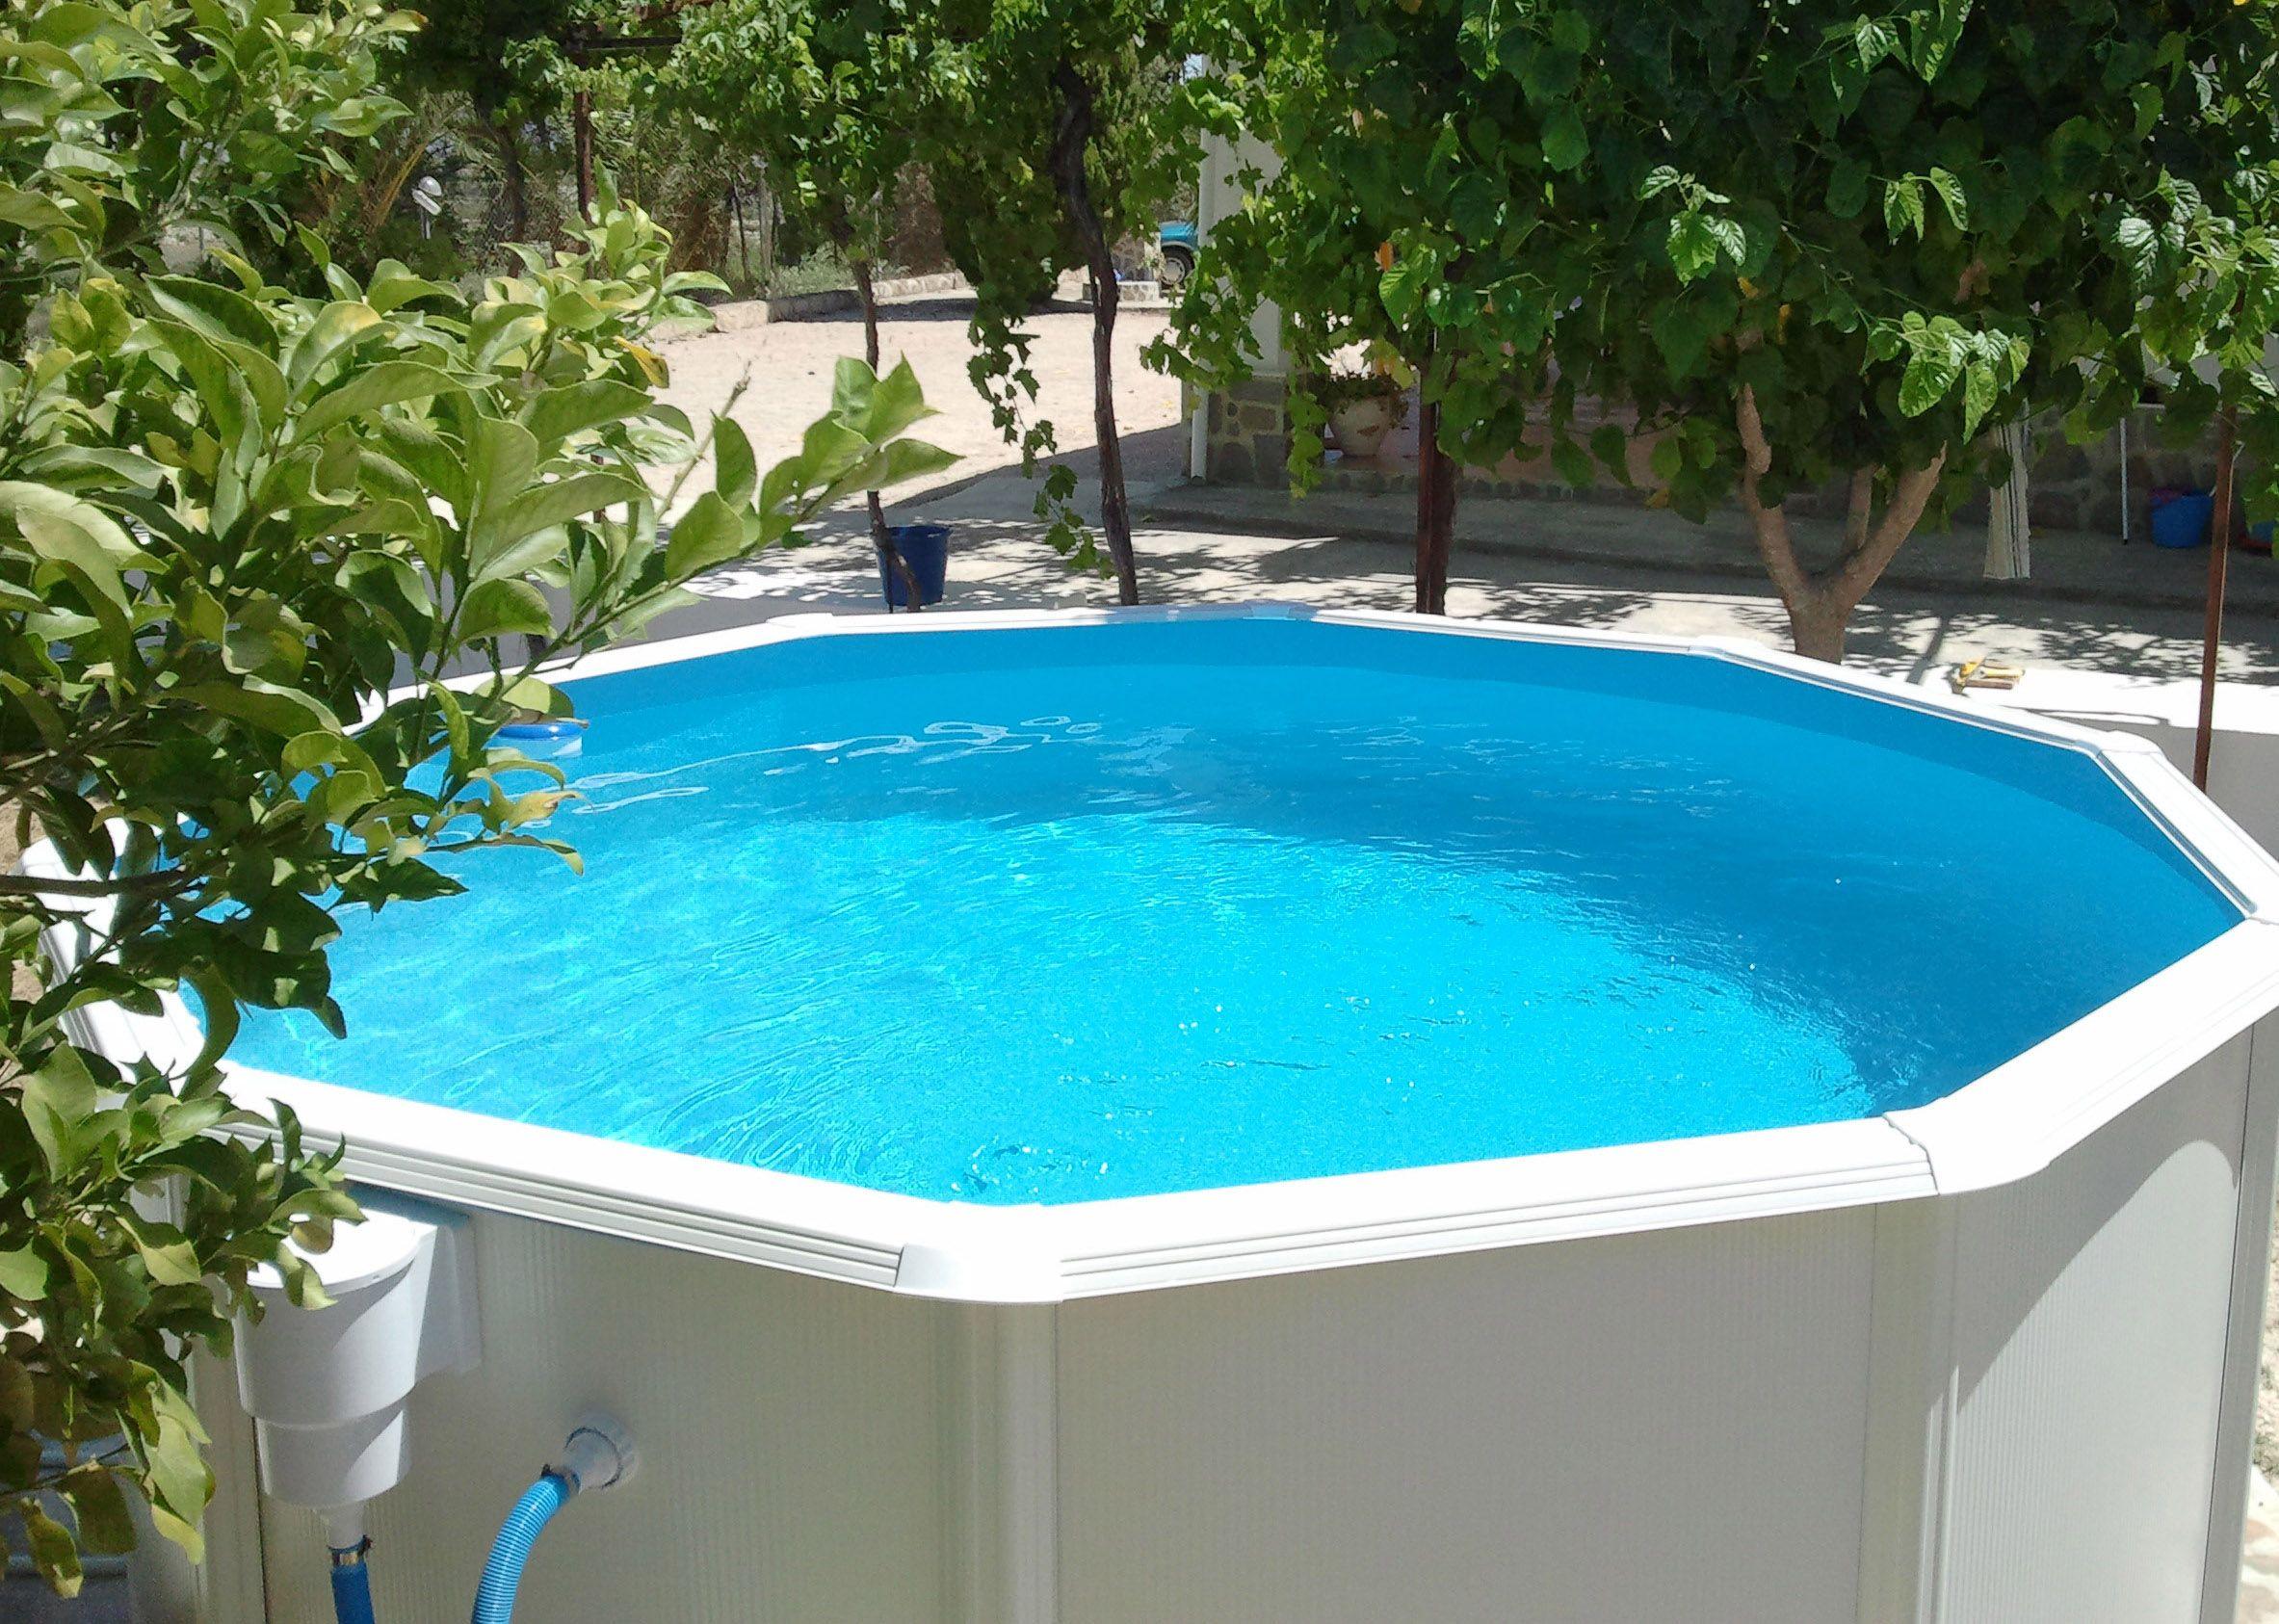 Piscina toi serie magnum 350x132cm piscinas elevadas for Piscinas online ofertas